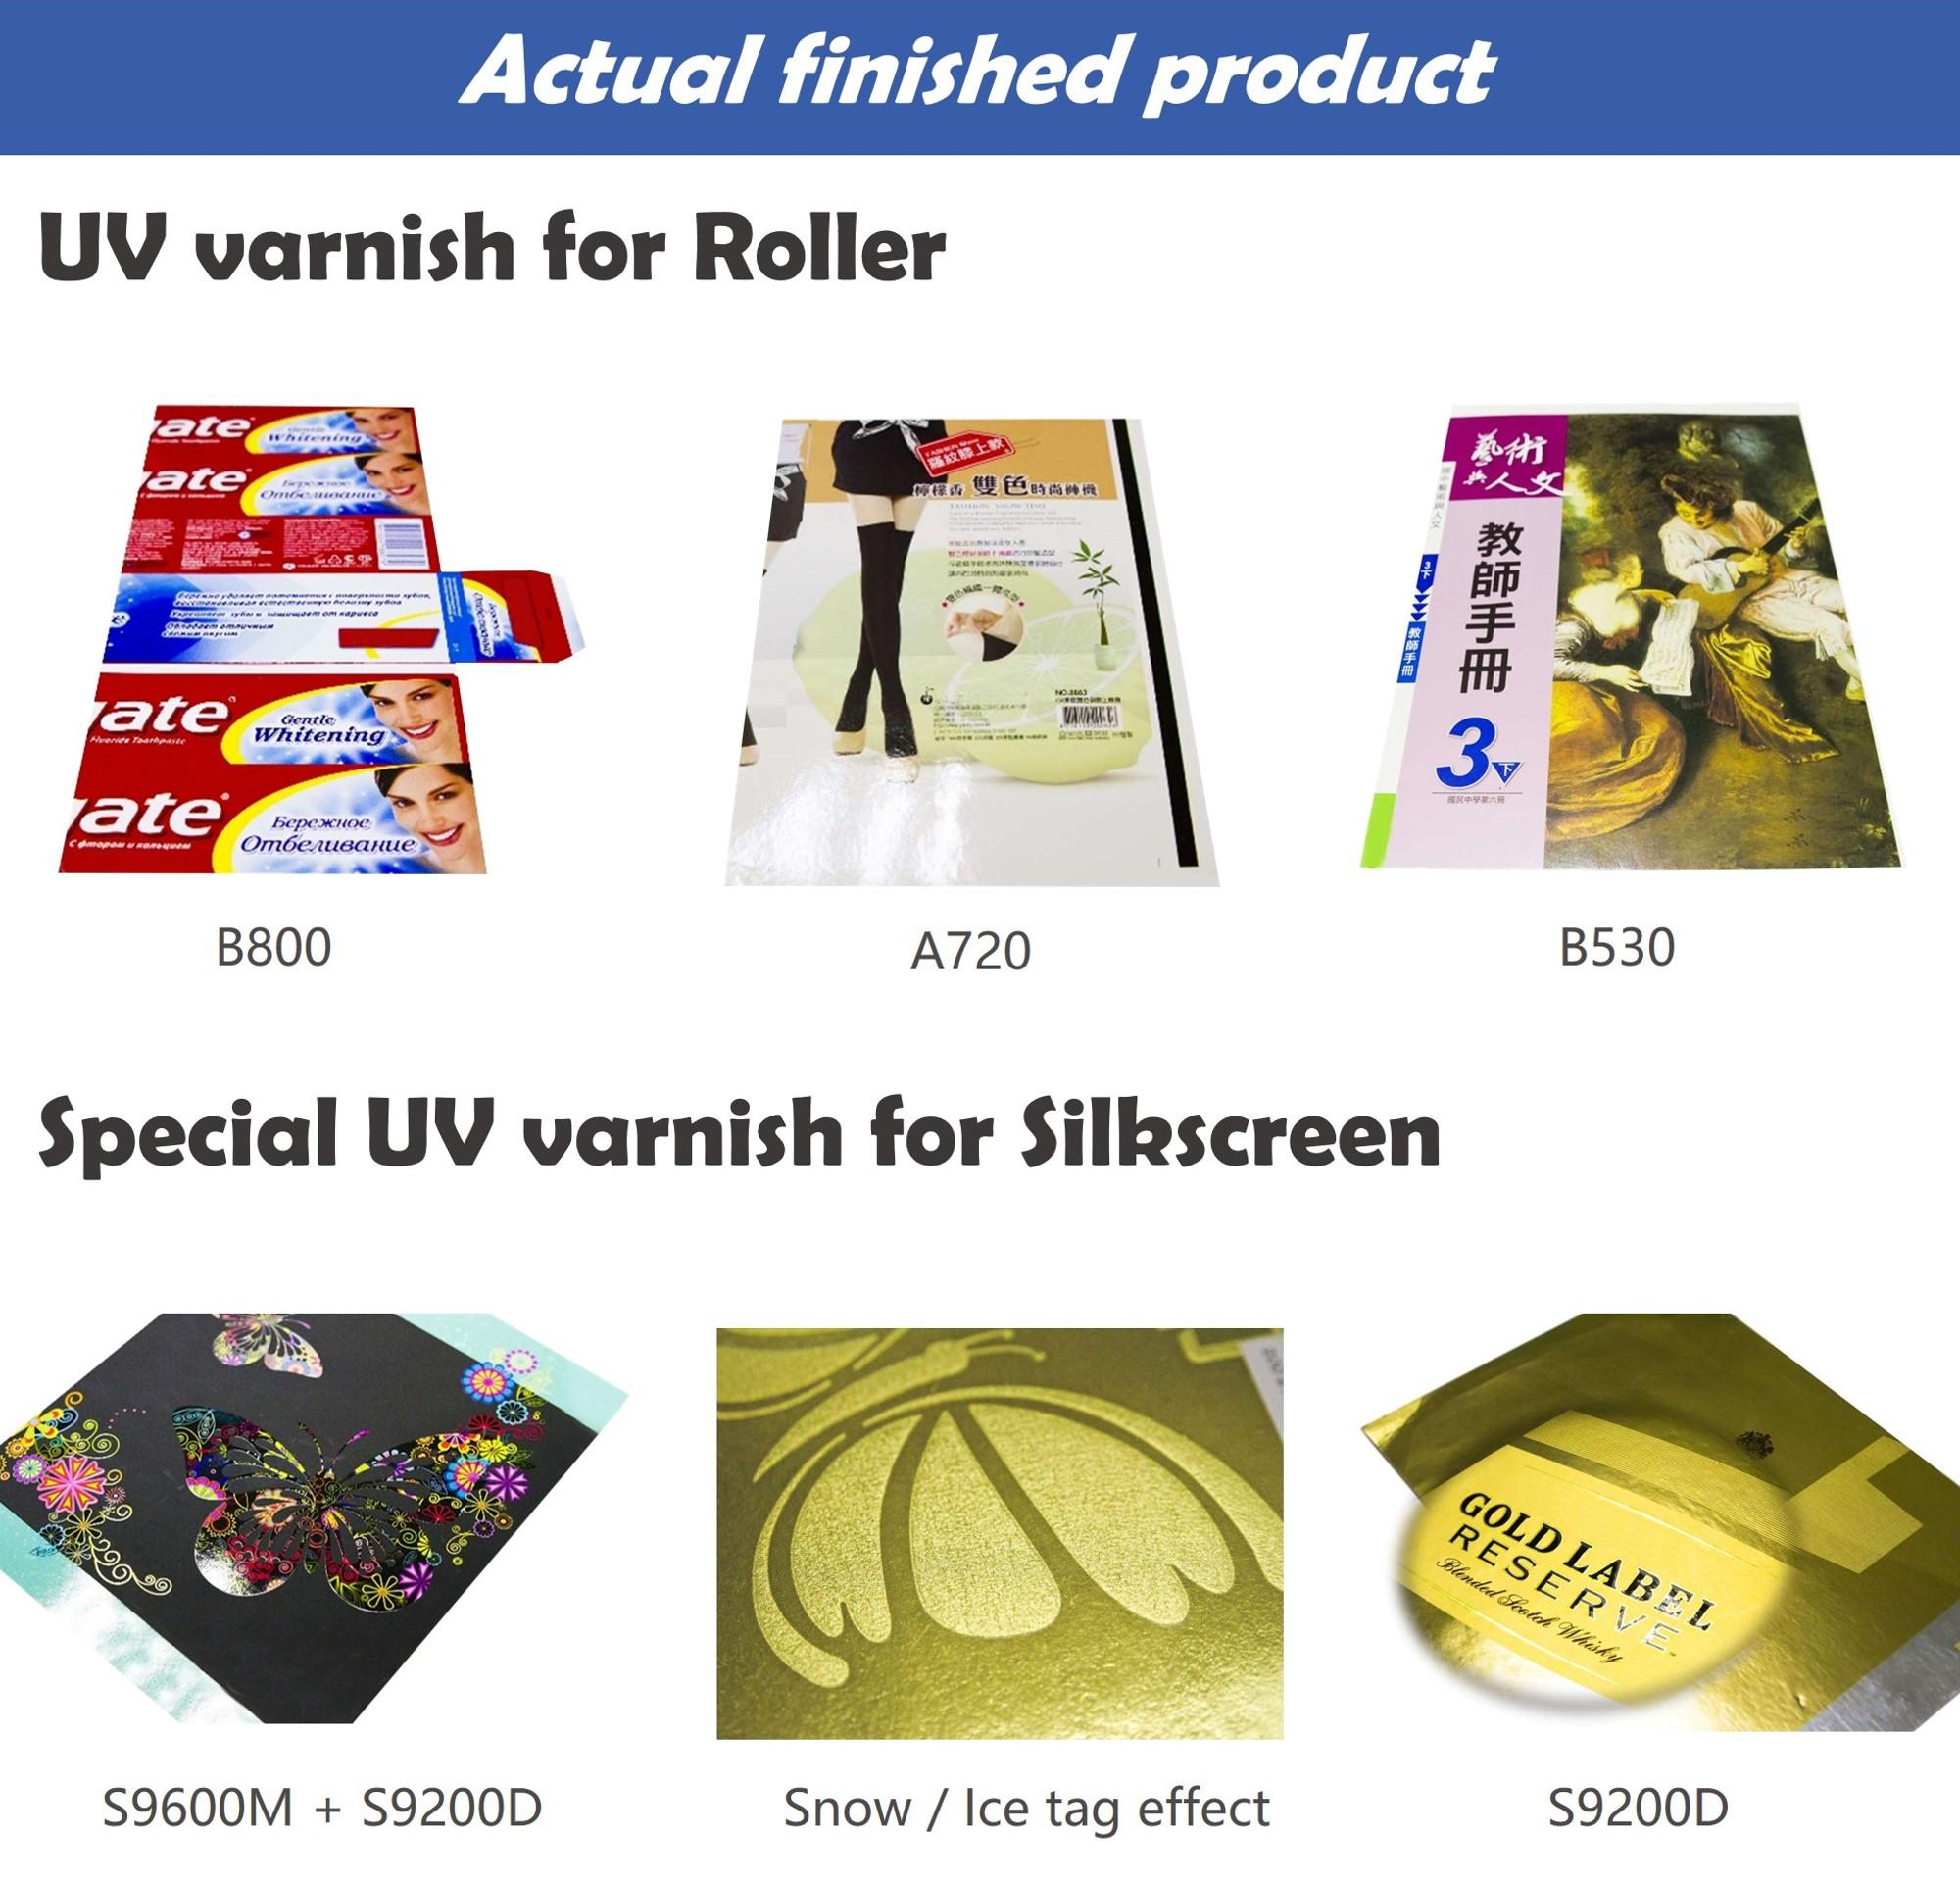 Offset Spot Visitekaartje Acryl Hoogglans Overdruk Zeefdruk UV Lak Uv-uithardende Hars Vloeibare Afdrukken Coating Papier